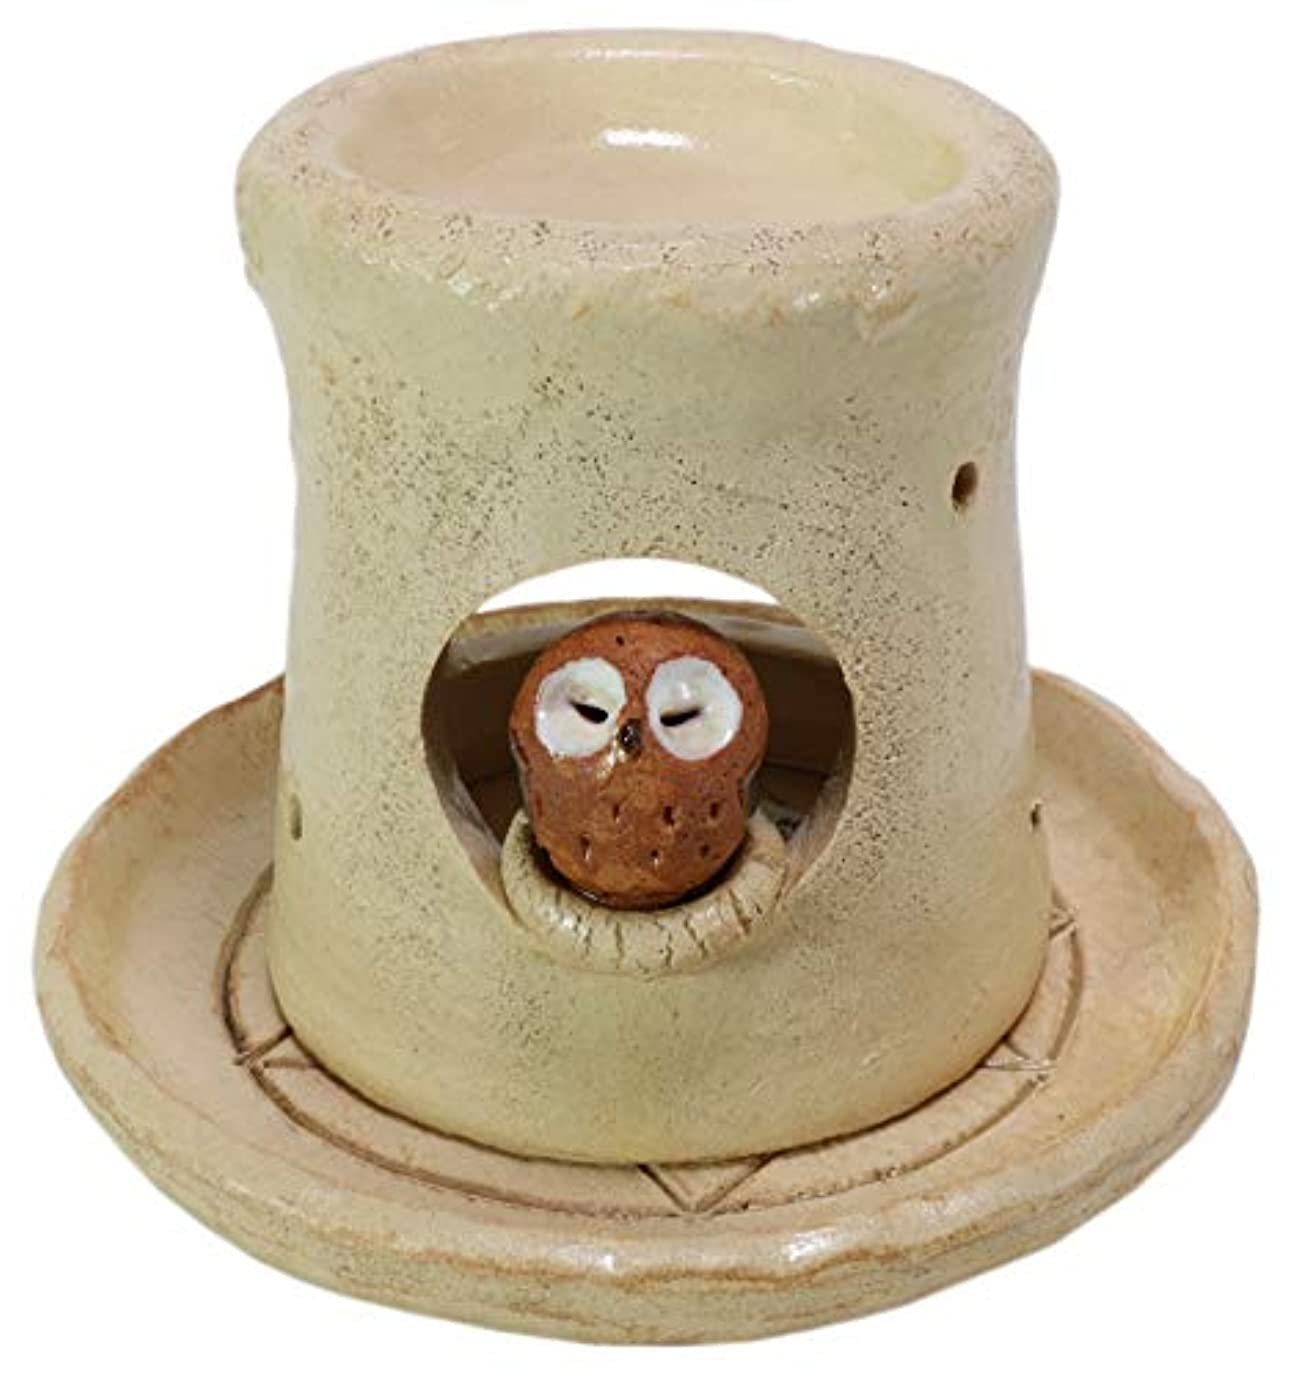 フォームムスタチオコマース香炉 フクロウ 茶香炉 [H14cm] HANDMADE プレゼント ギフト 和食器 かわいい インテリア